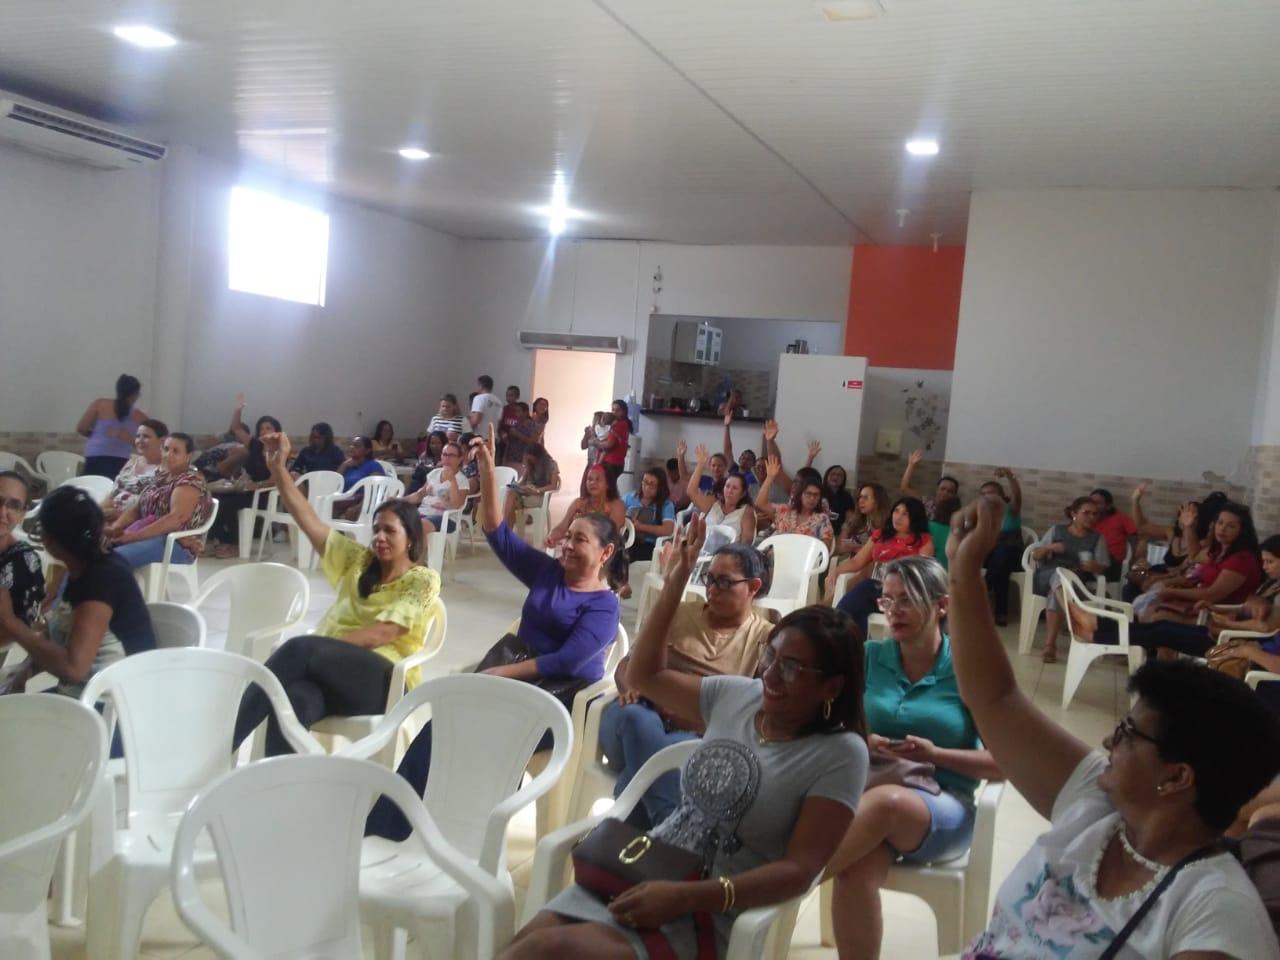 Foto de DESCASO: Salas de aula em Xinguara tem número de alunos além do permitido